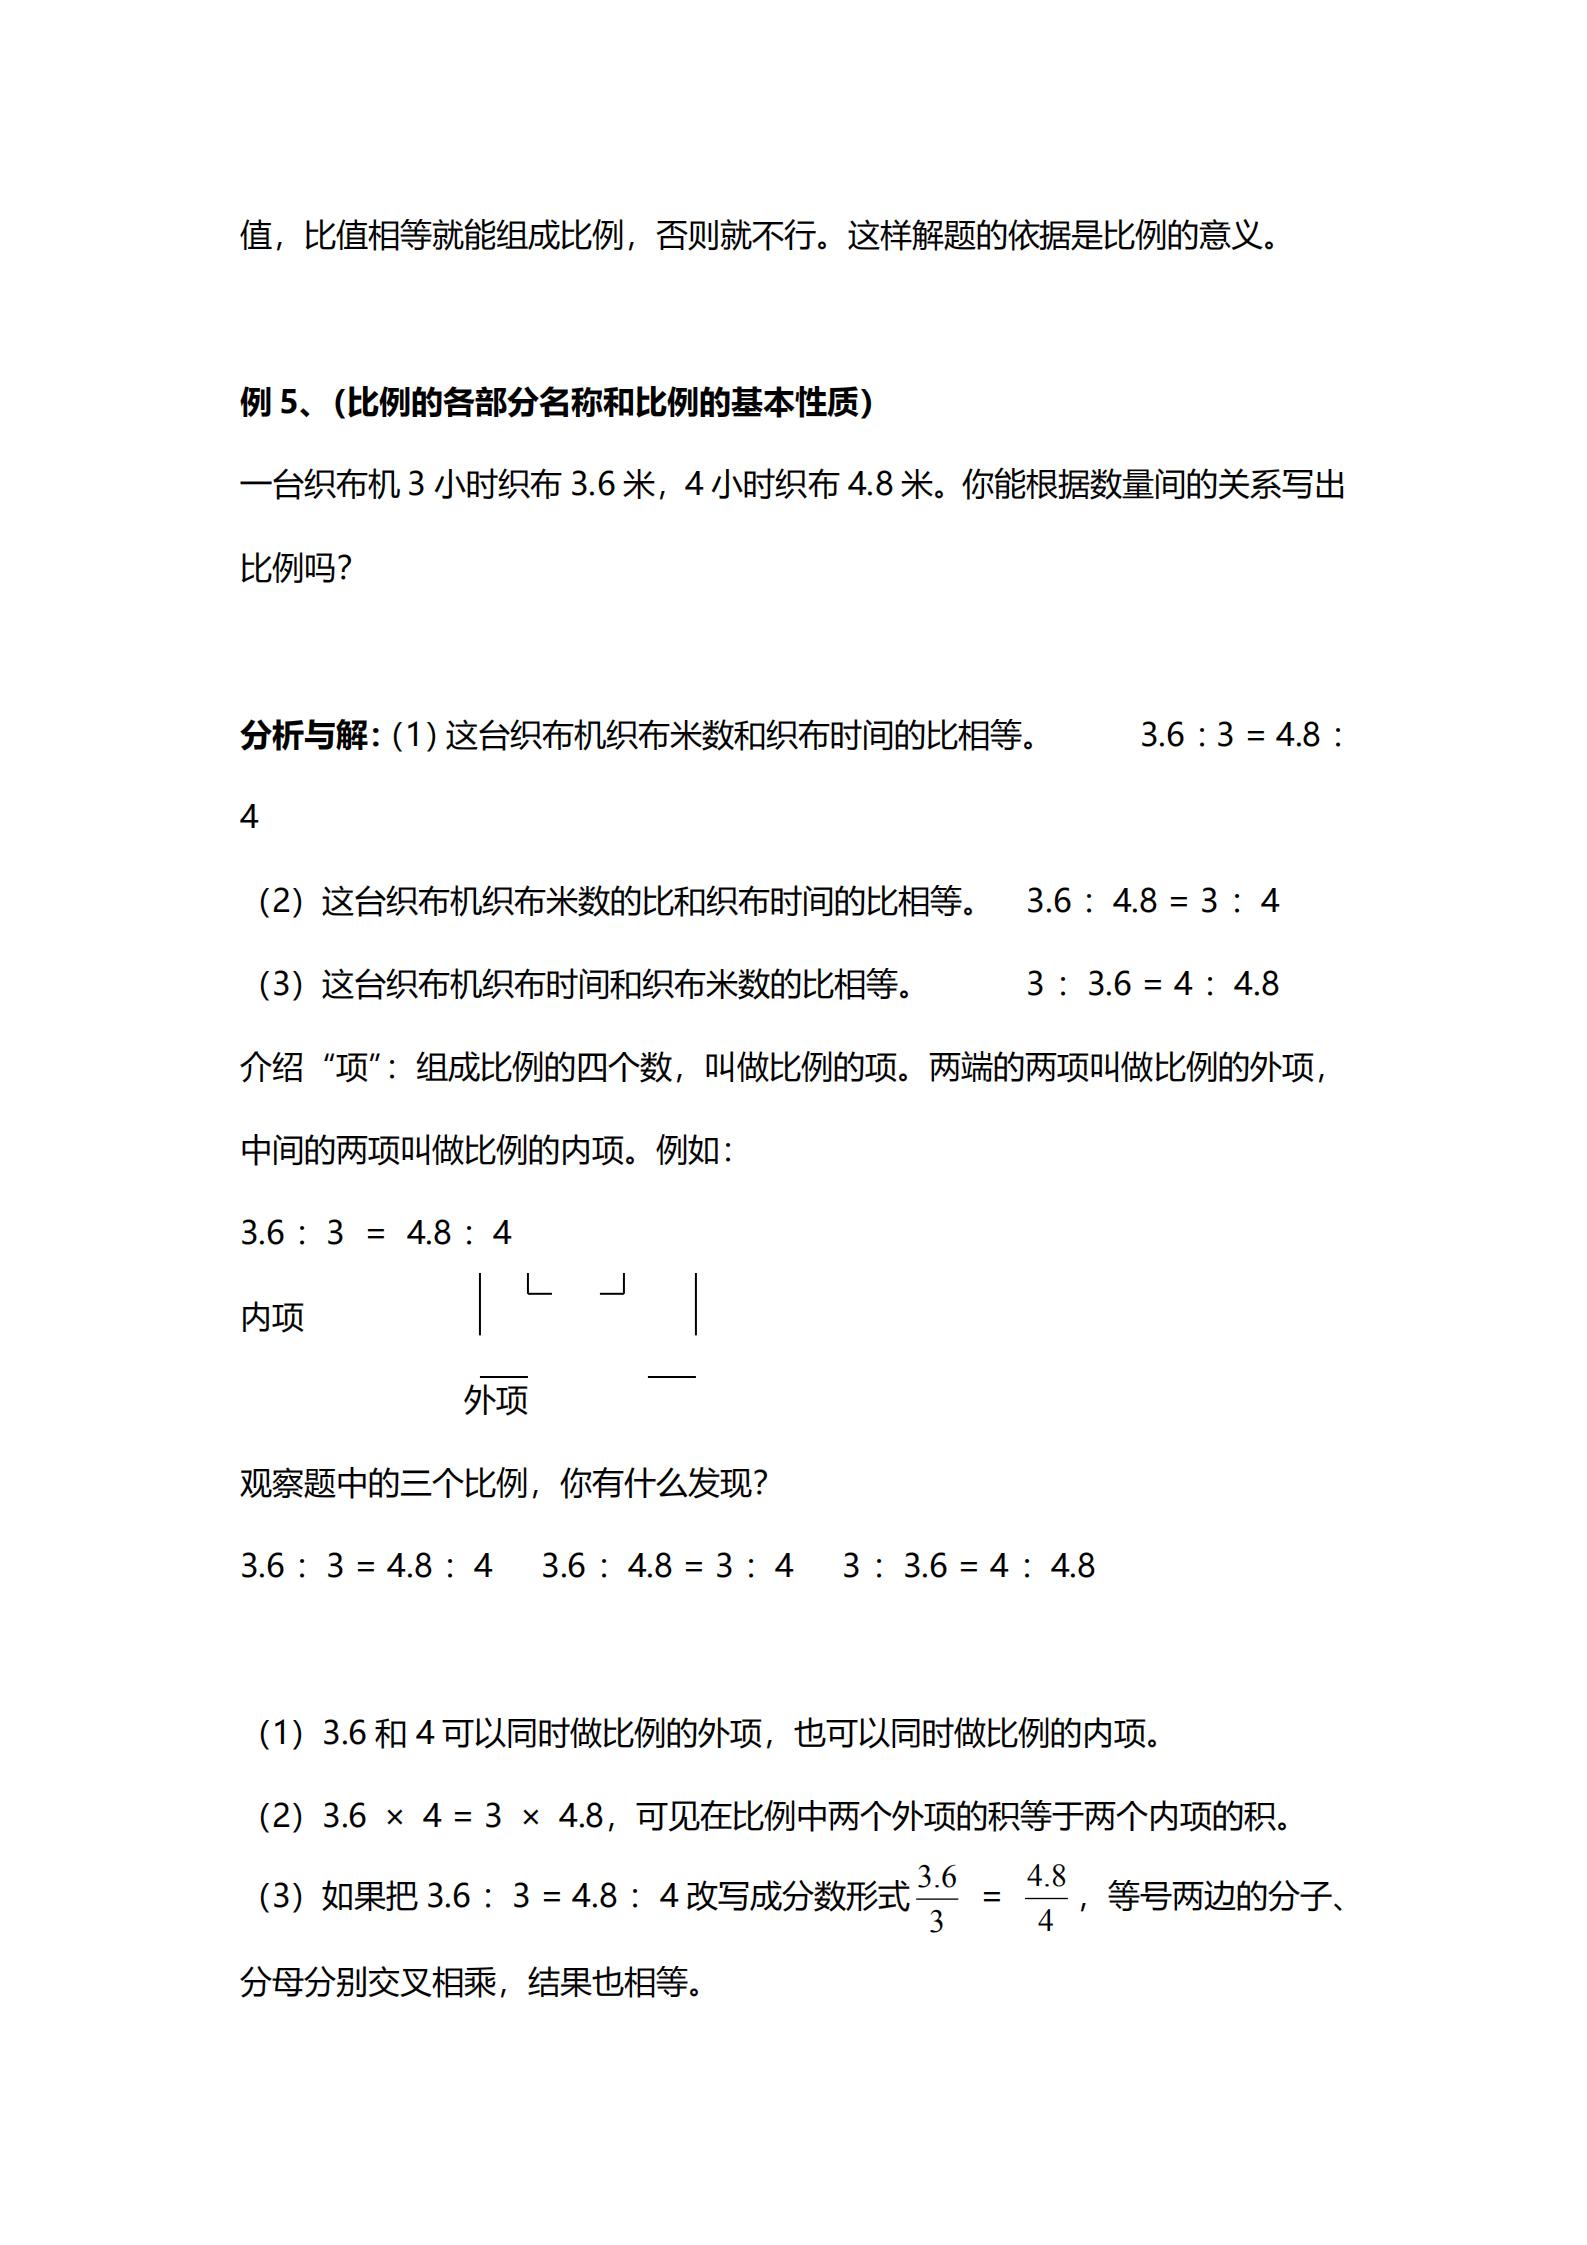 【数学】高频考点-四大专题知识点精选题_18.png